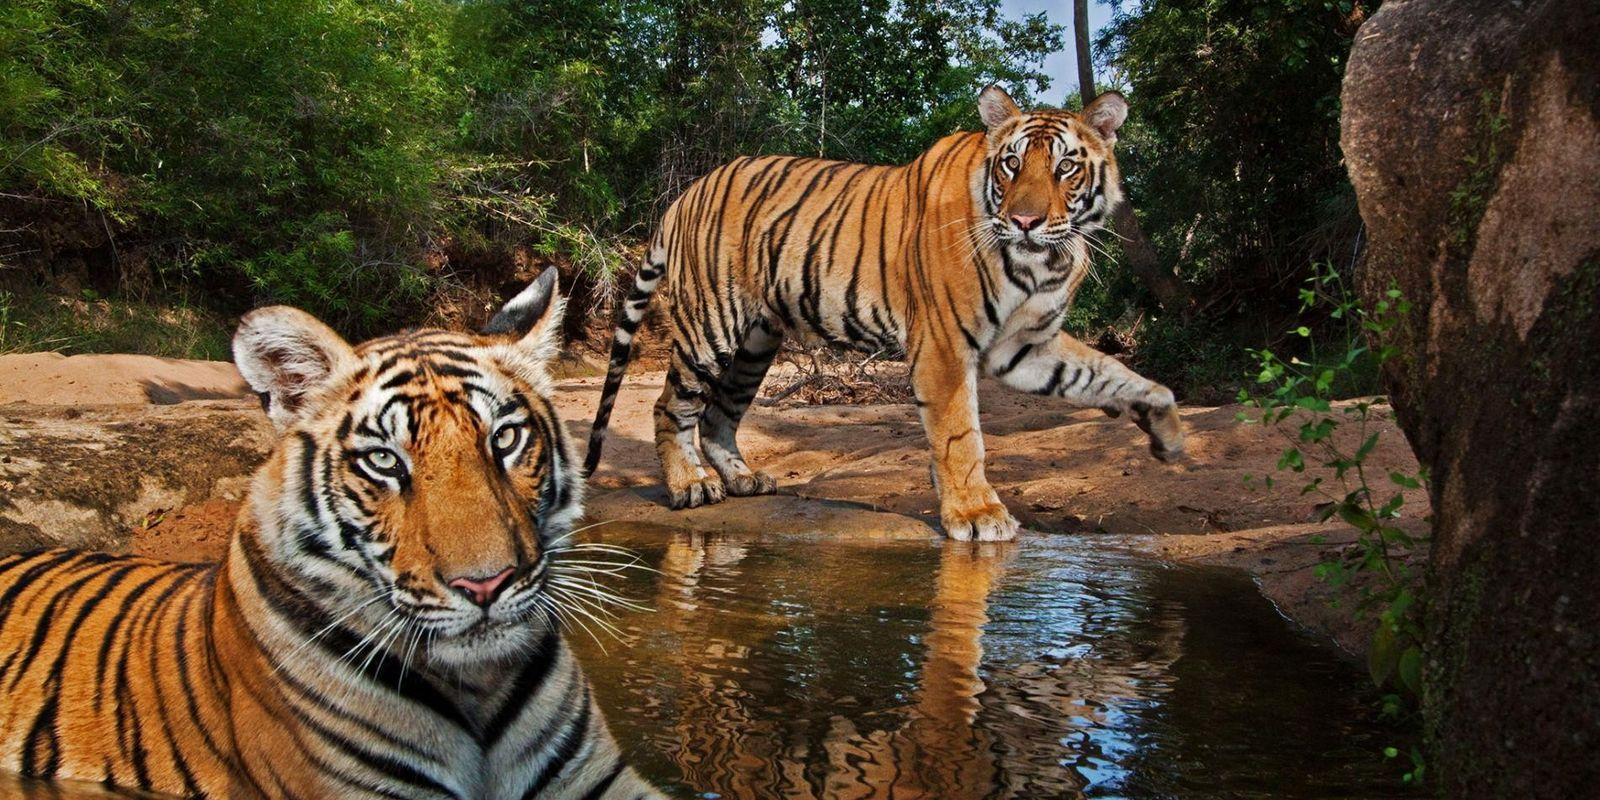 15 Bilder zeigen die Anmut und Kraft von Tigern